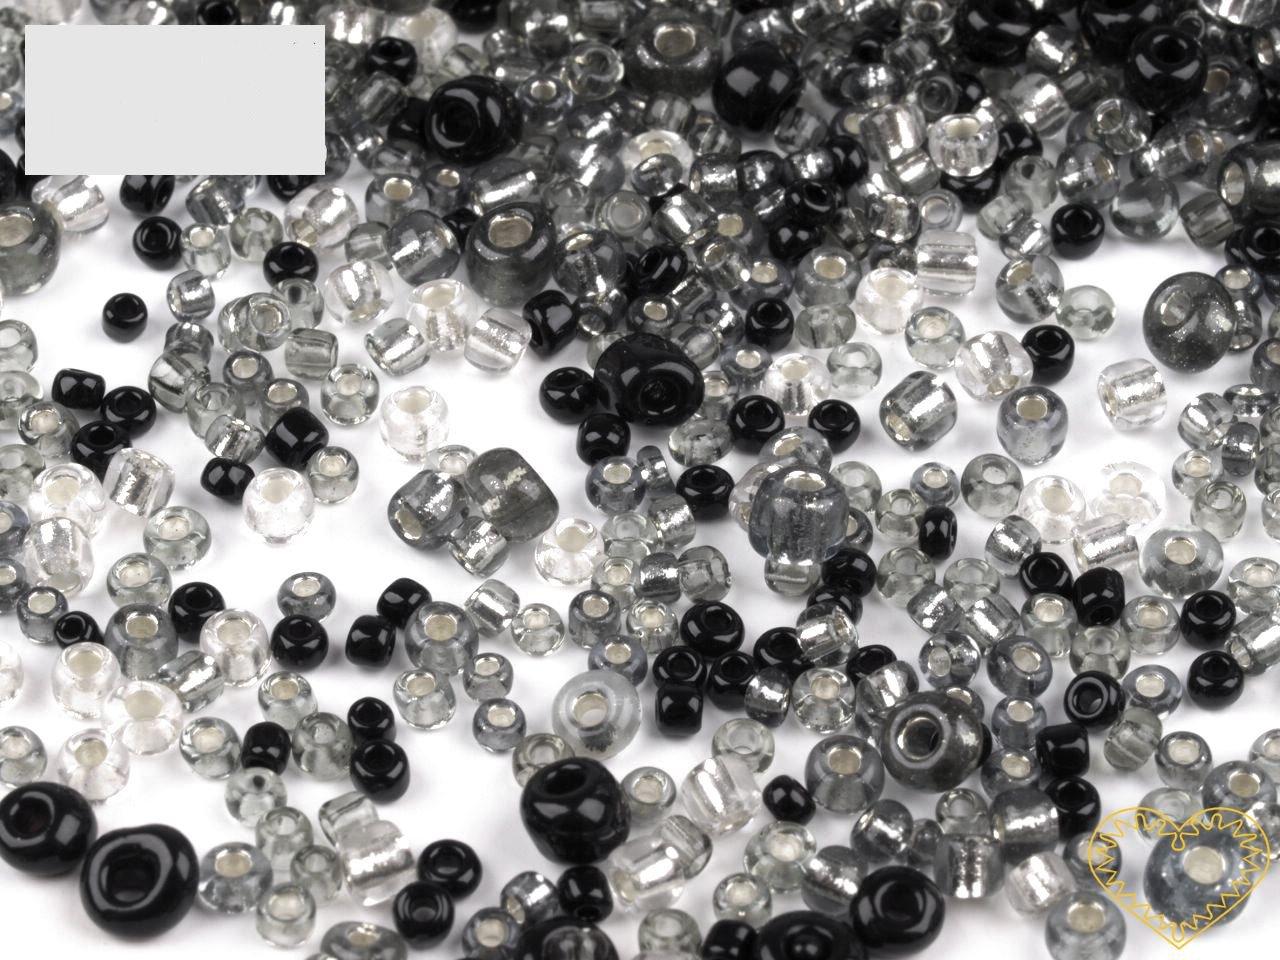 Černobílý mix skleněných korálků - balení 50 g. V mixu jsou obsaženy korálky velikosti 2, 3 a 4 mm v černé a čiré barvě různých odstínů. Korálky jsou vhodné pro tvoření s dětmi, pro výrobu bižuterie i dalších ozdob.